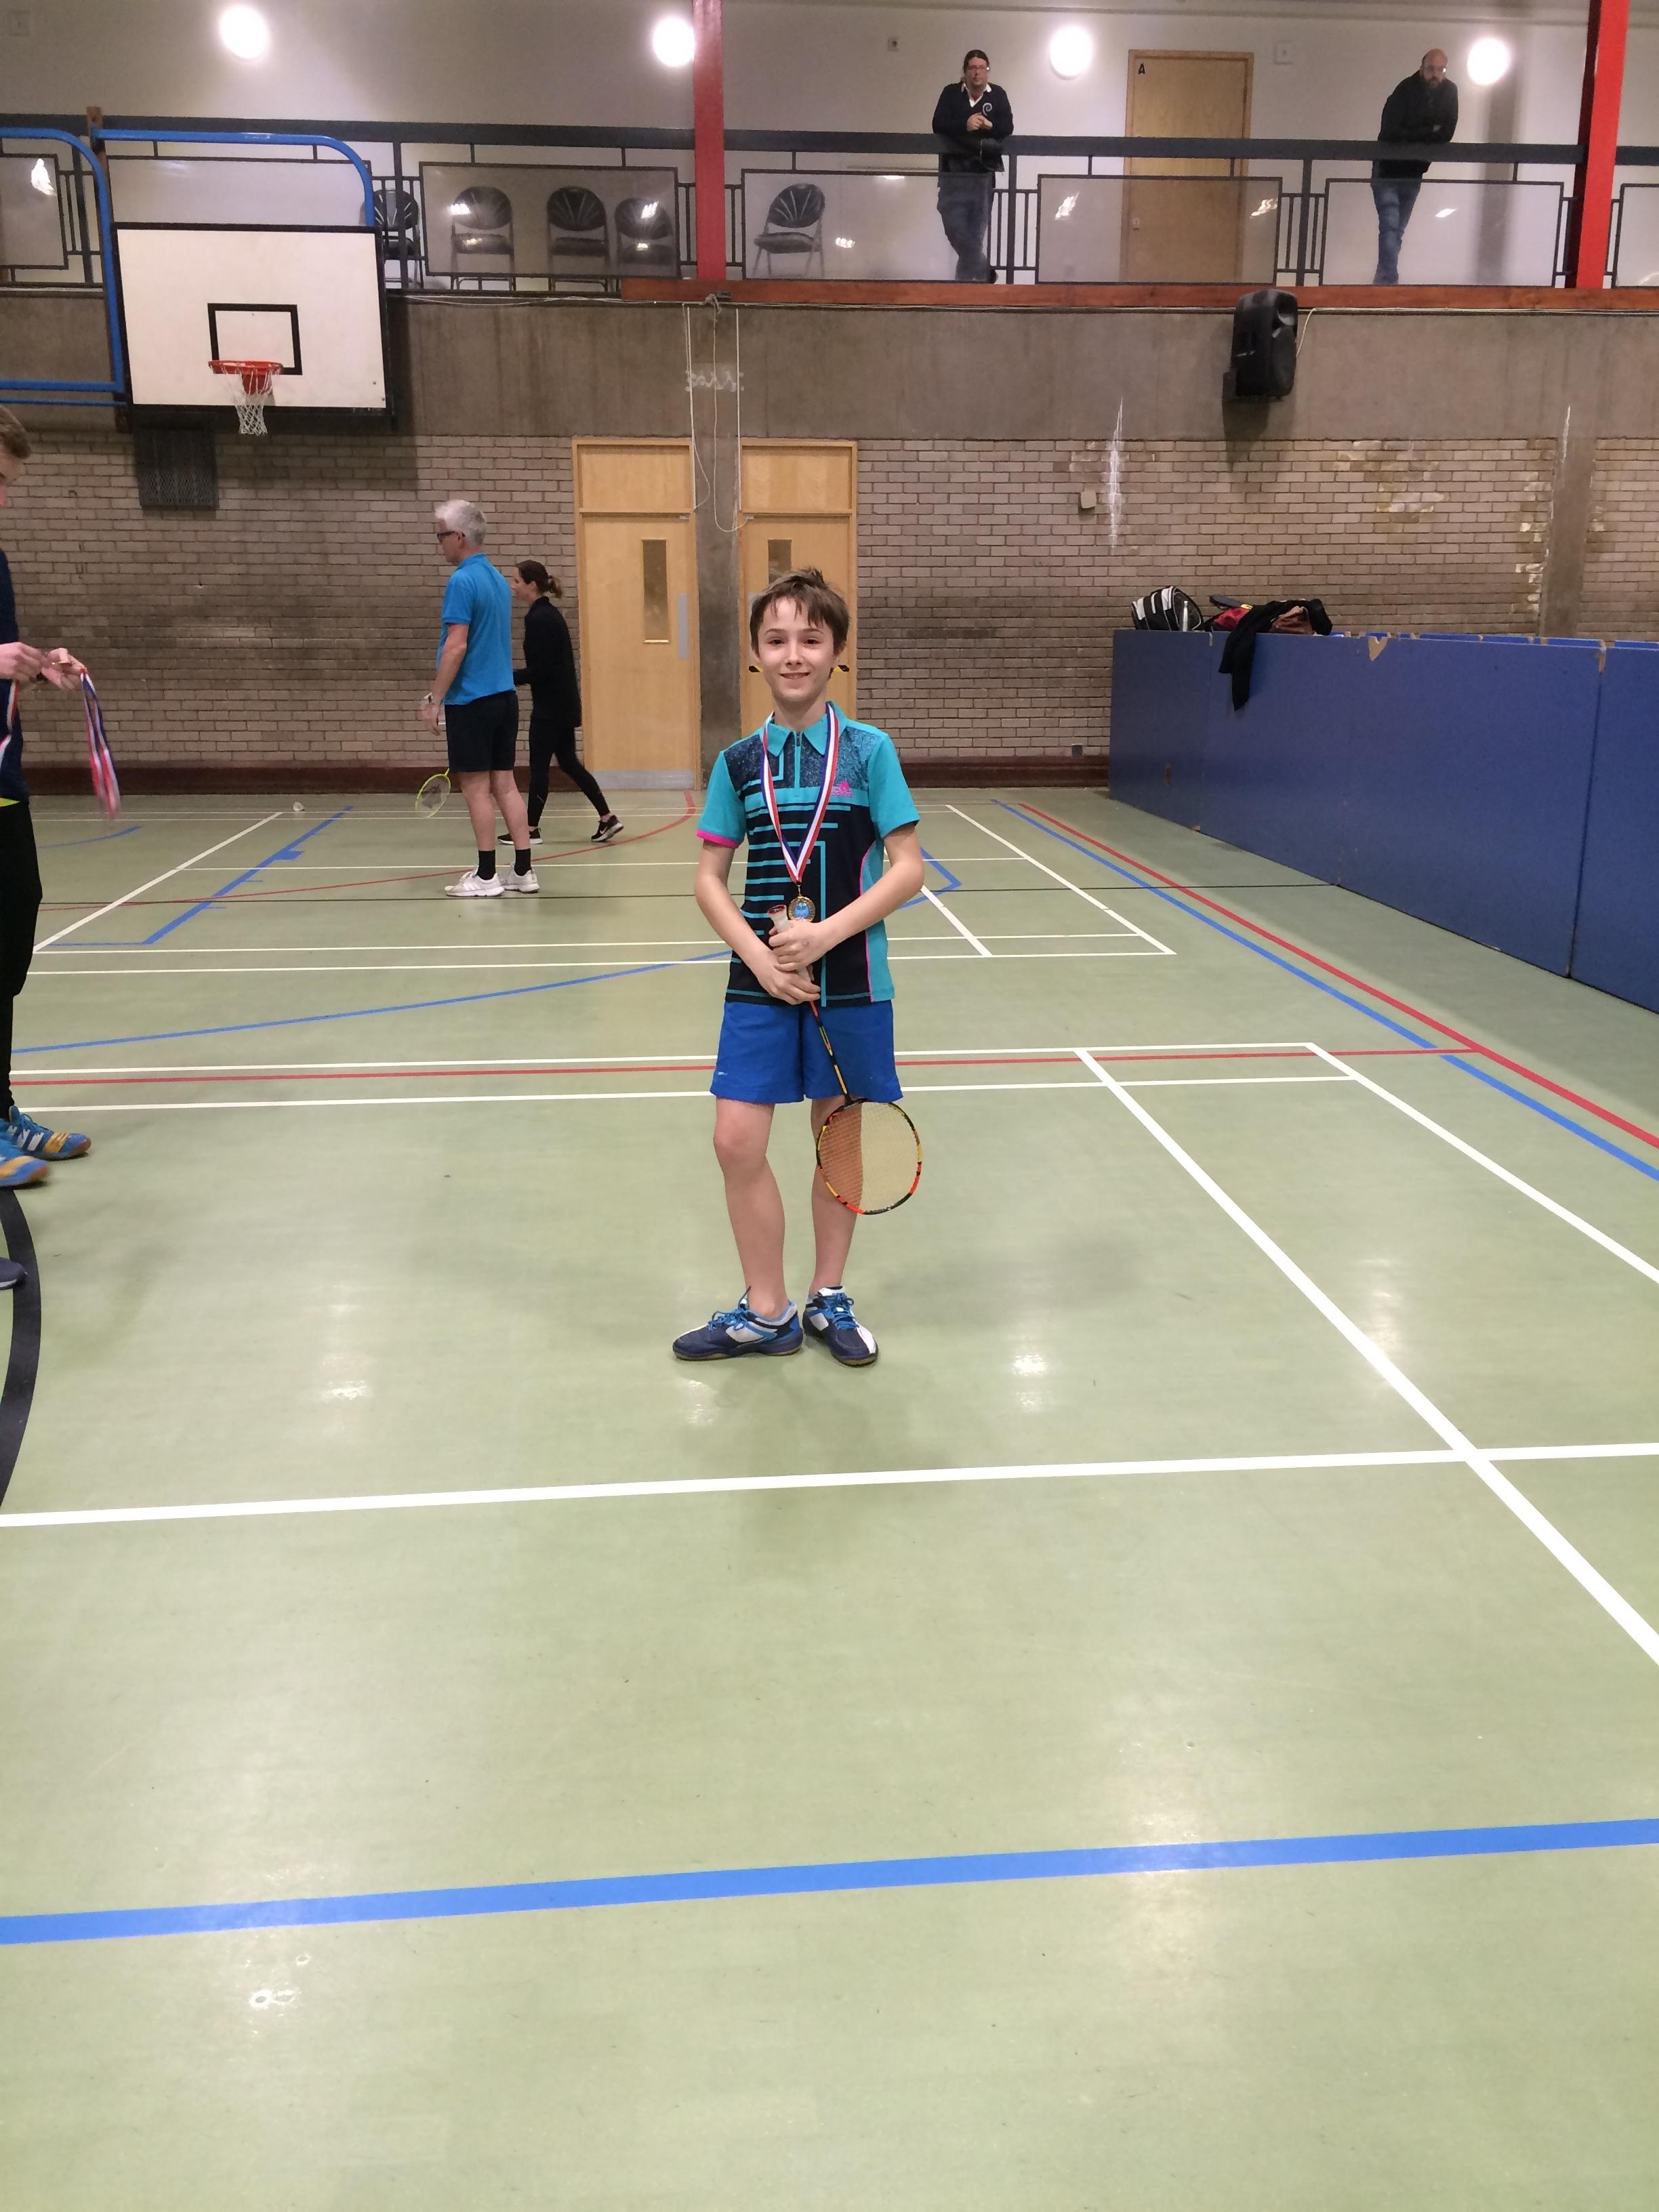 U13 boys winner: Nikita Larin